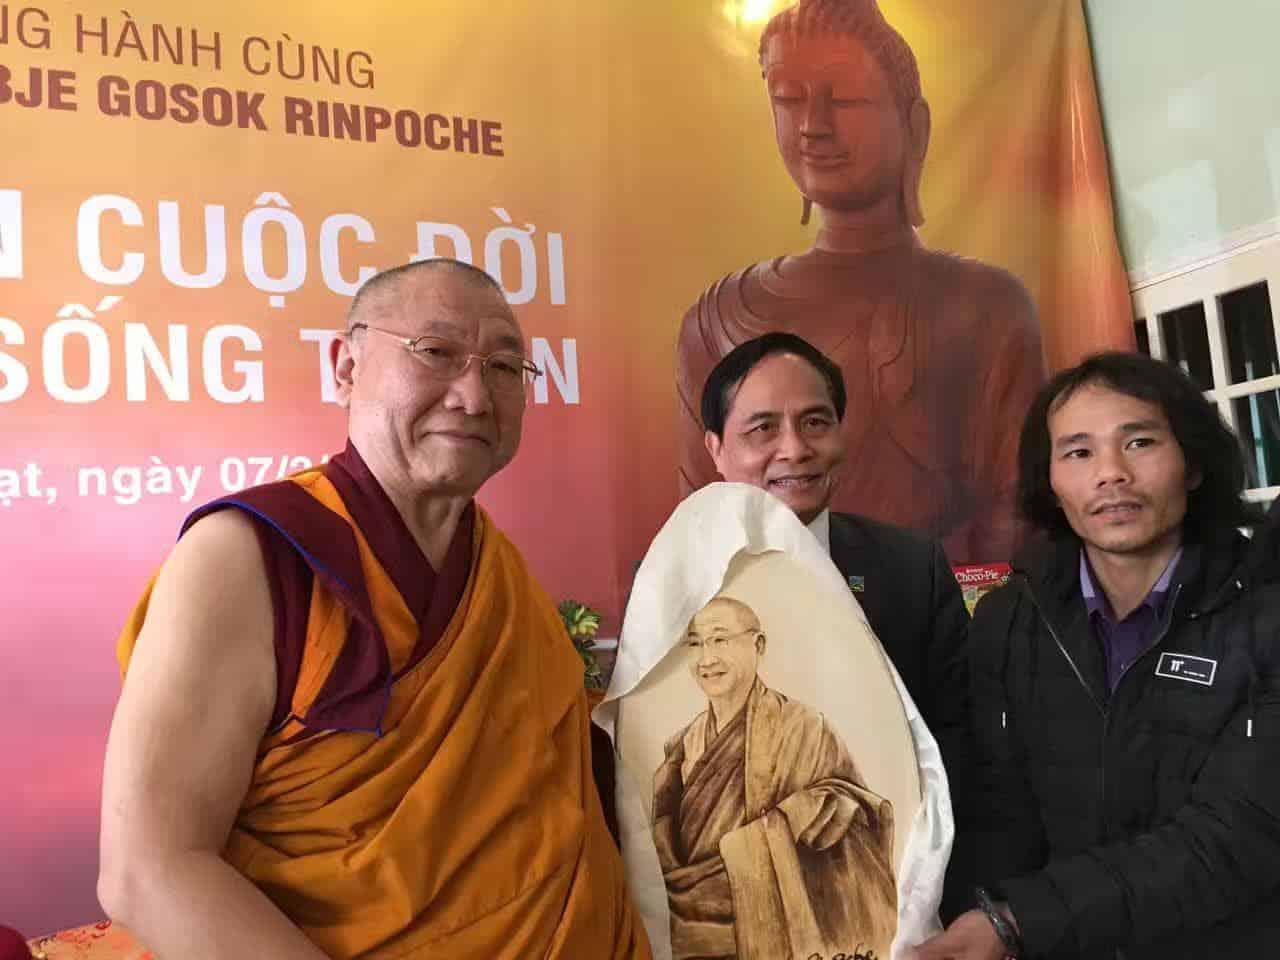 Gosok Rinpoche Vietnam 2017-03-07 133d1d2c5f39f19ef39cde22242dccf